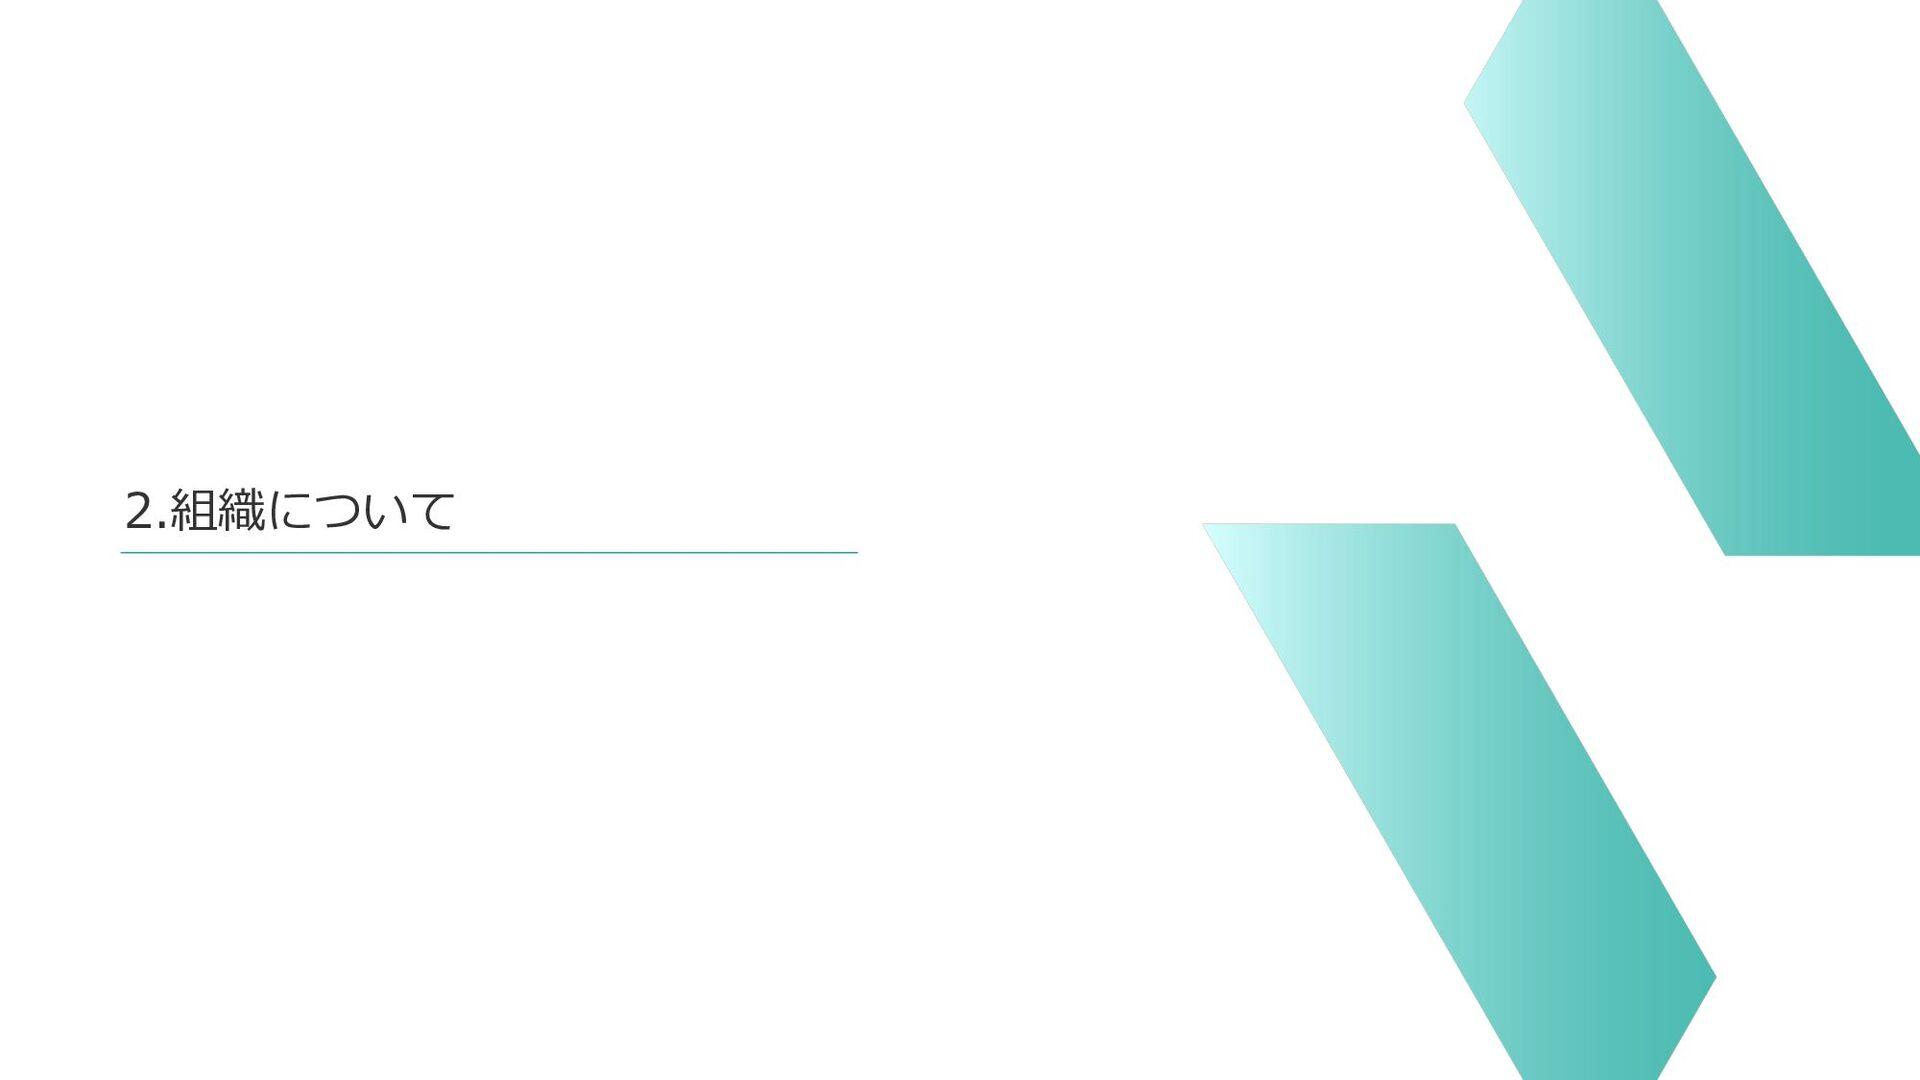 オンライン学習/研修サービス Aidemyを基本として、 サポートやコンサルティングと組み合わ...